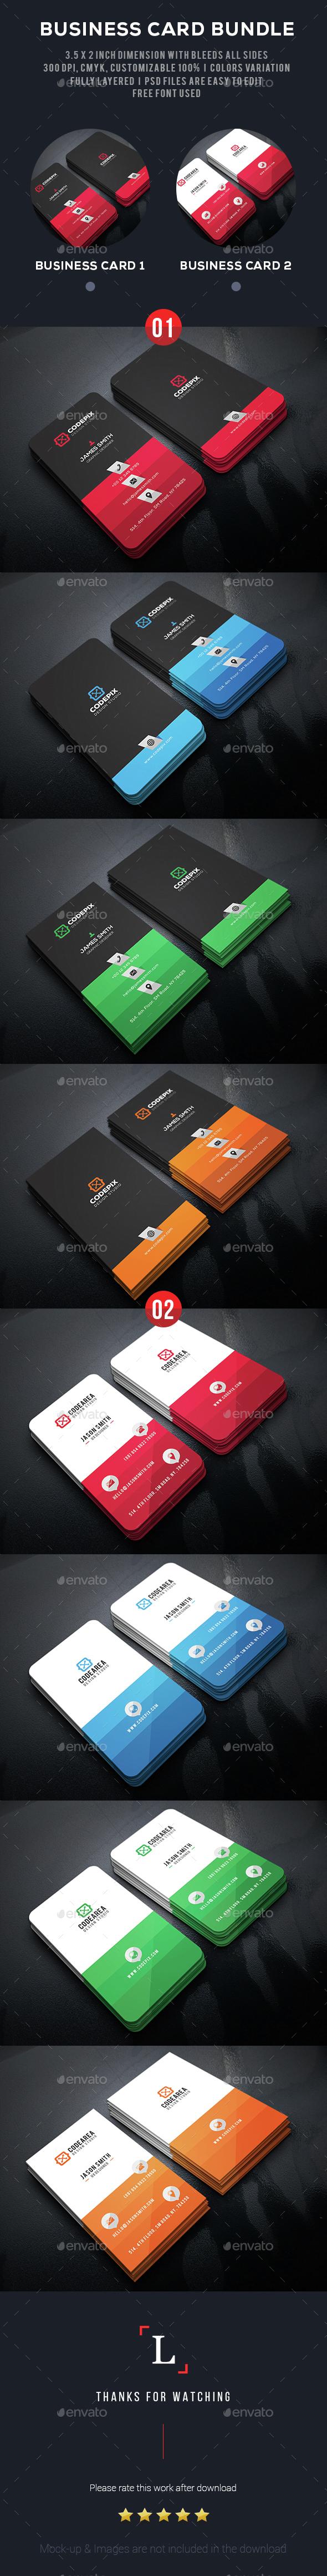 Color Business Card Bundle - Business Cards Print Templates